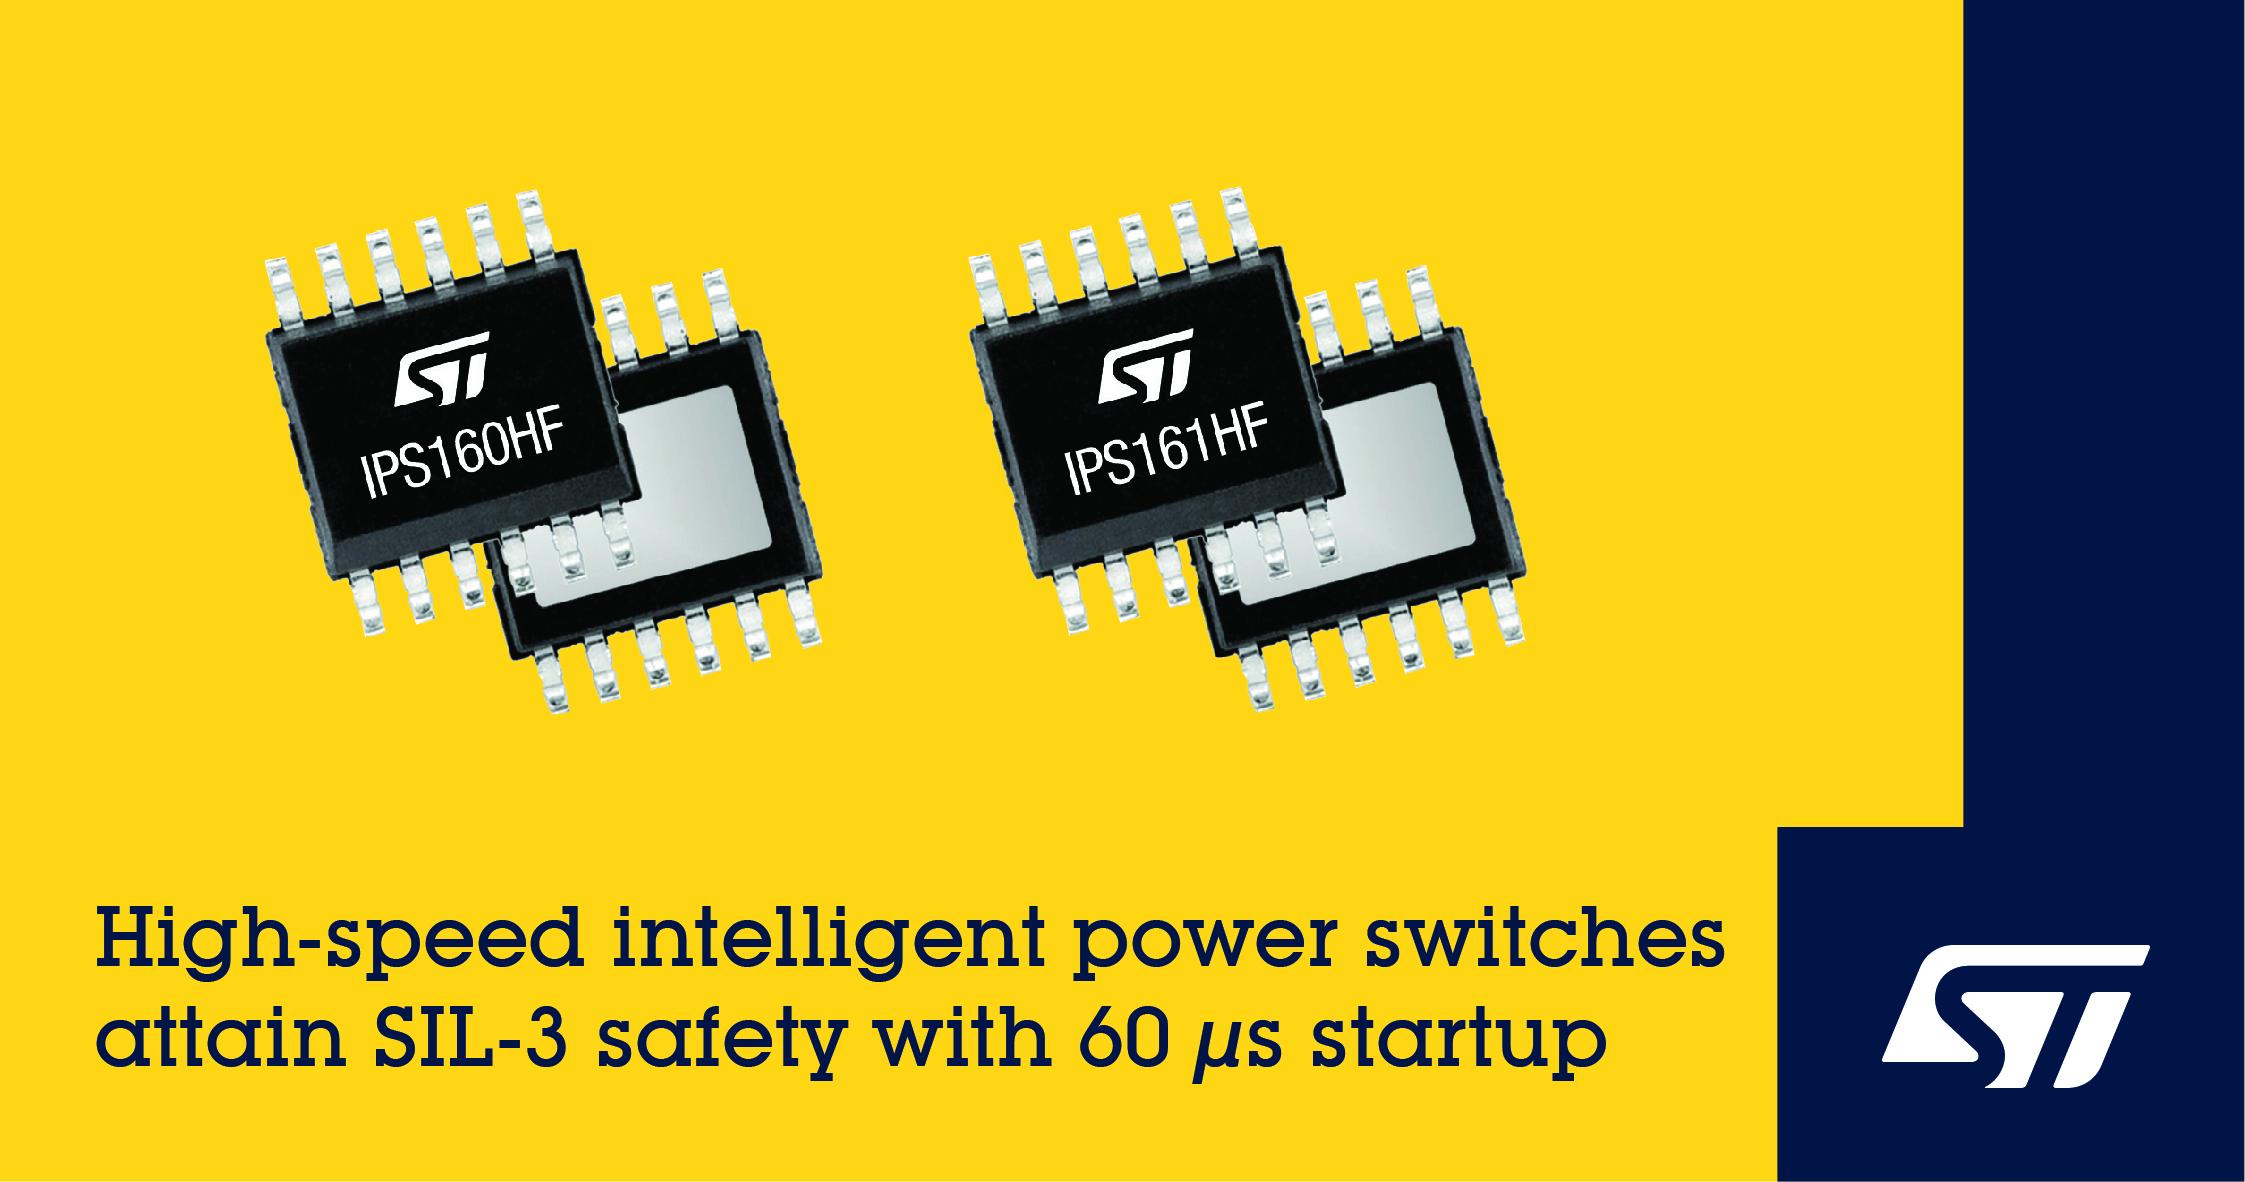 意法半导体推出安应用型的快速启动智能功率开关(IPS)